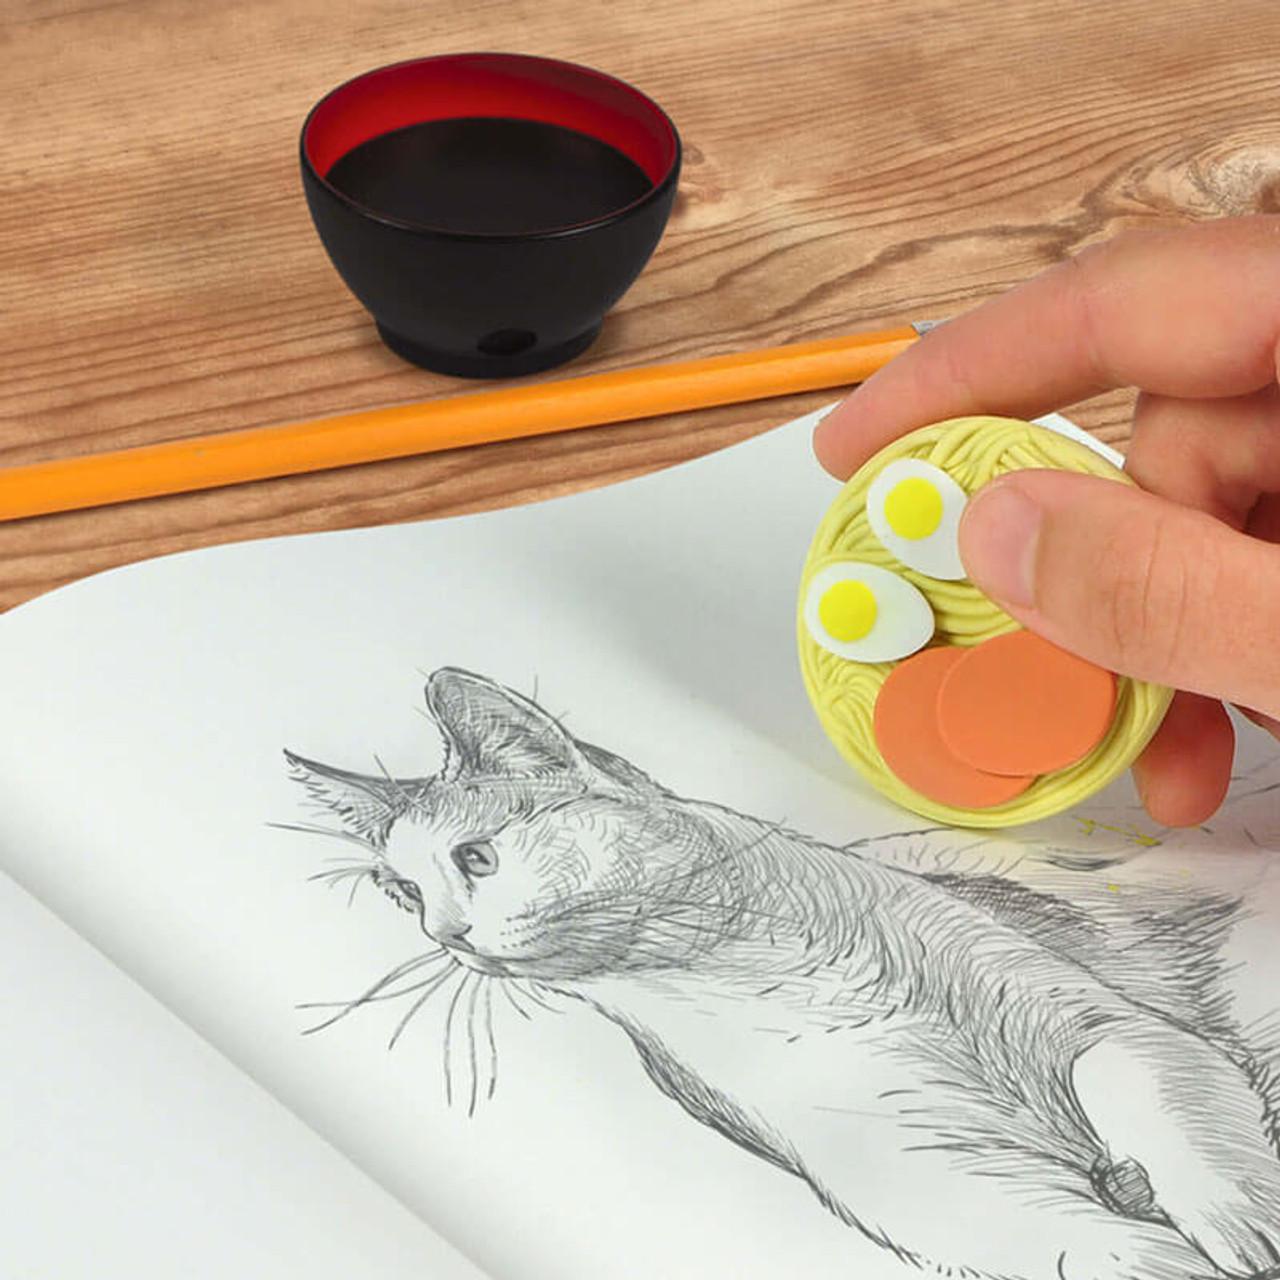 Ramen Doodles Eraser + Sharpener Set